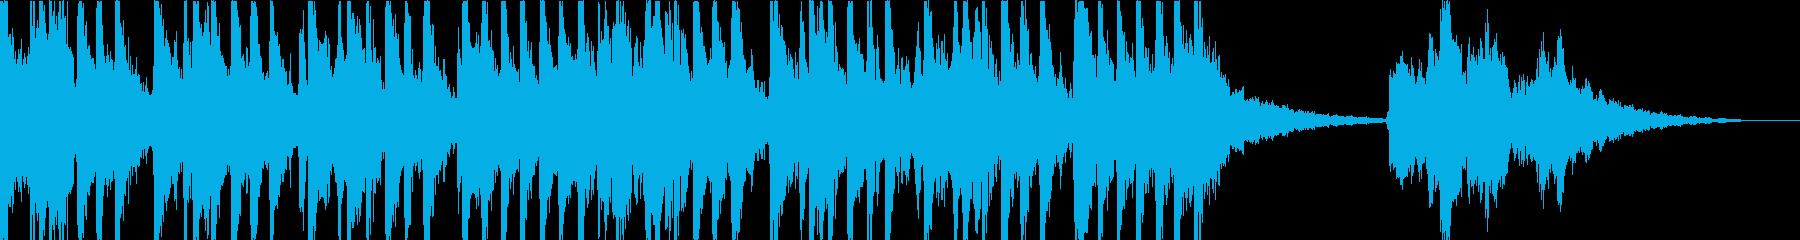 面白い映画オーケストラピチカート音楽の再生済みの波形